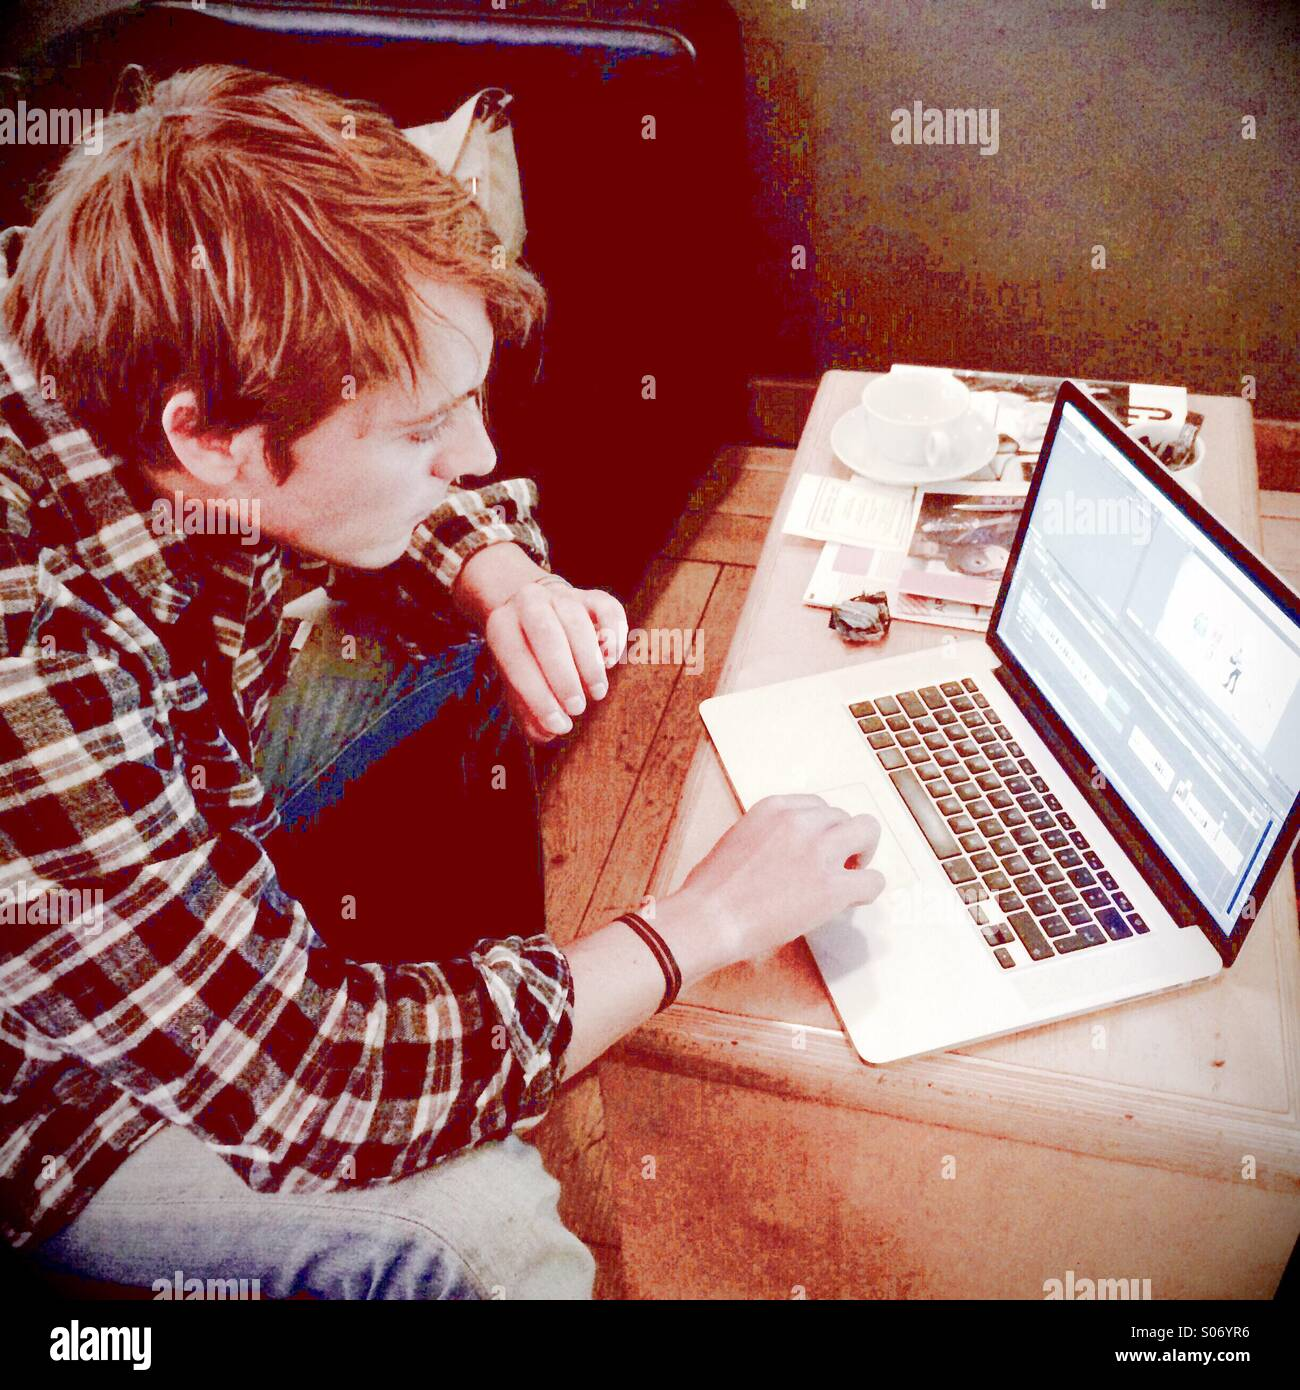 Ein junger Mann arbeitet an einem Laptop-computer Stockbild